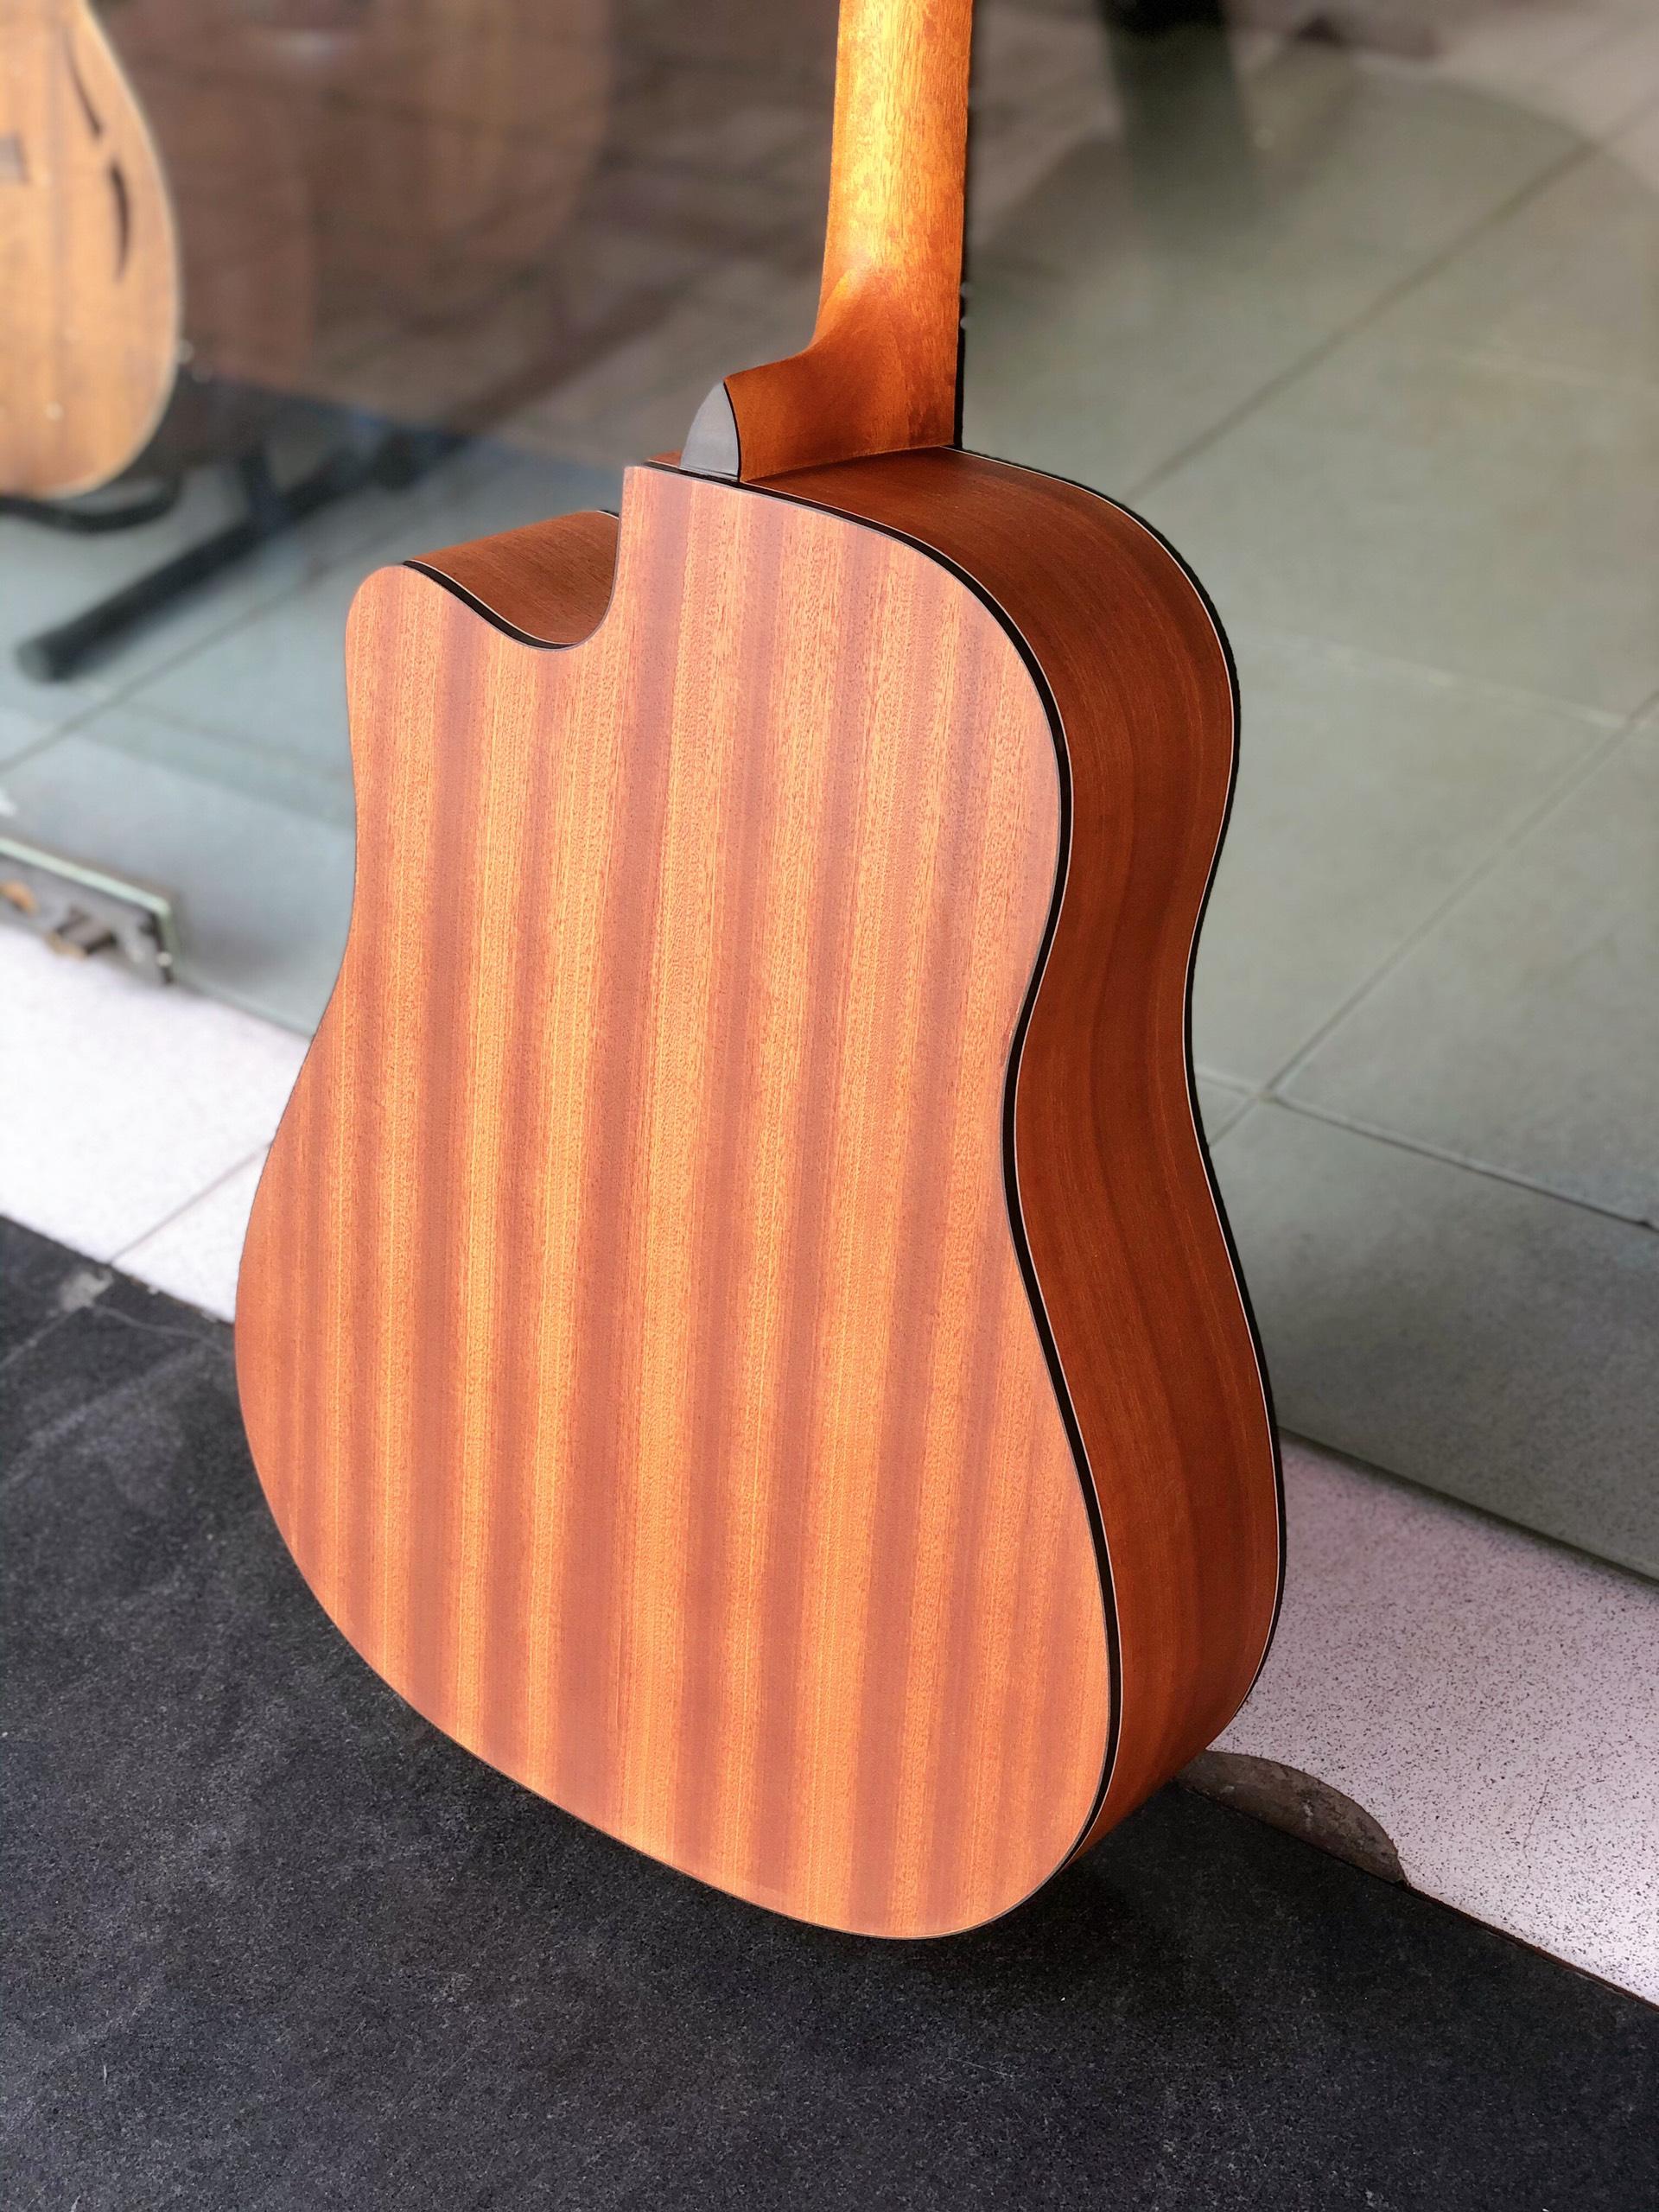 Guitar acoustic hãng Matilda M5-AC